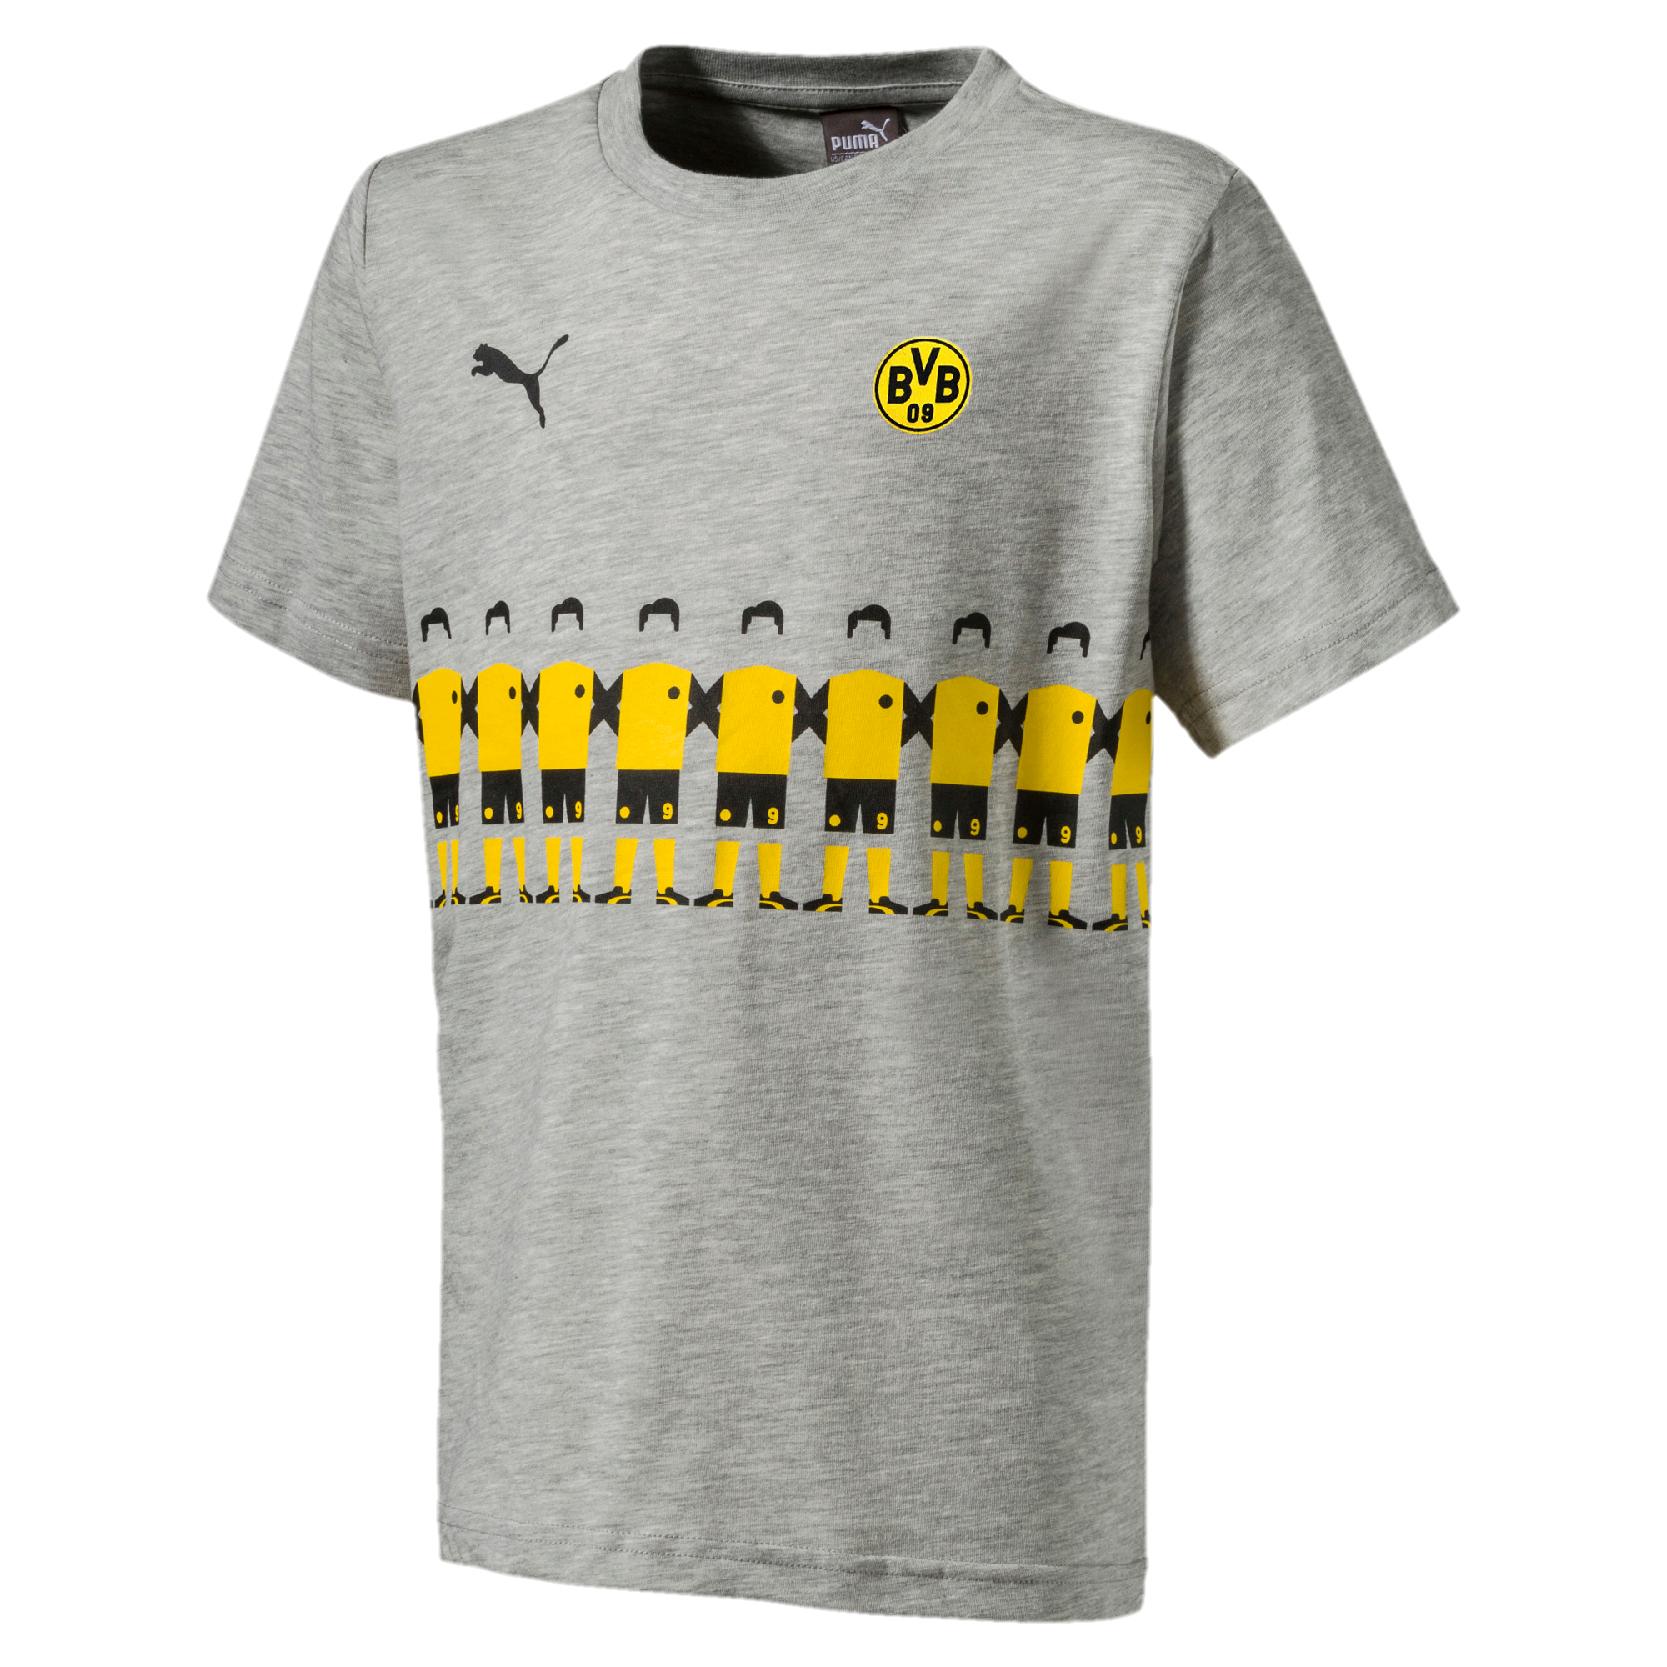 Puma BVB Borussia Dortmund - Kinder Fan Tee T-Shirt @sport1-a.de